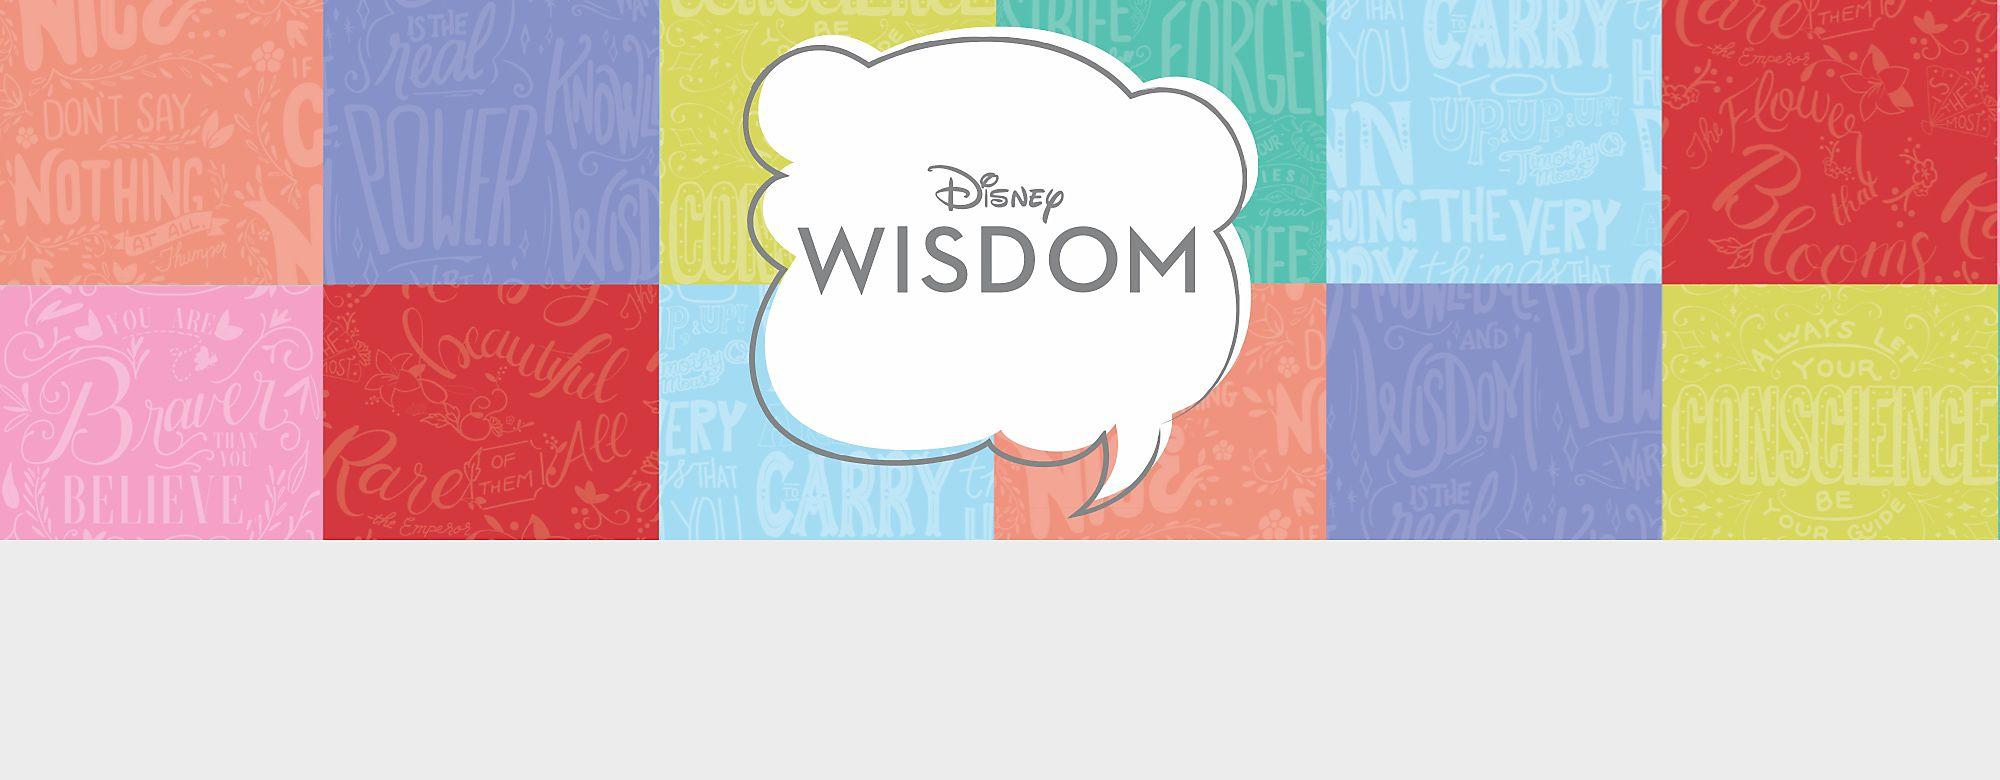 Ecco la nuova collezione del 2019 Ogni mese troverai un nuovo personaggio Disney, una citazione saggia dal film e un colore diverso. Colleziona tutti gli articoli e crea il tuo arcobaleno con Disney Wisdom